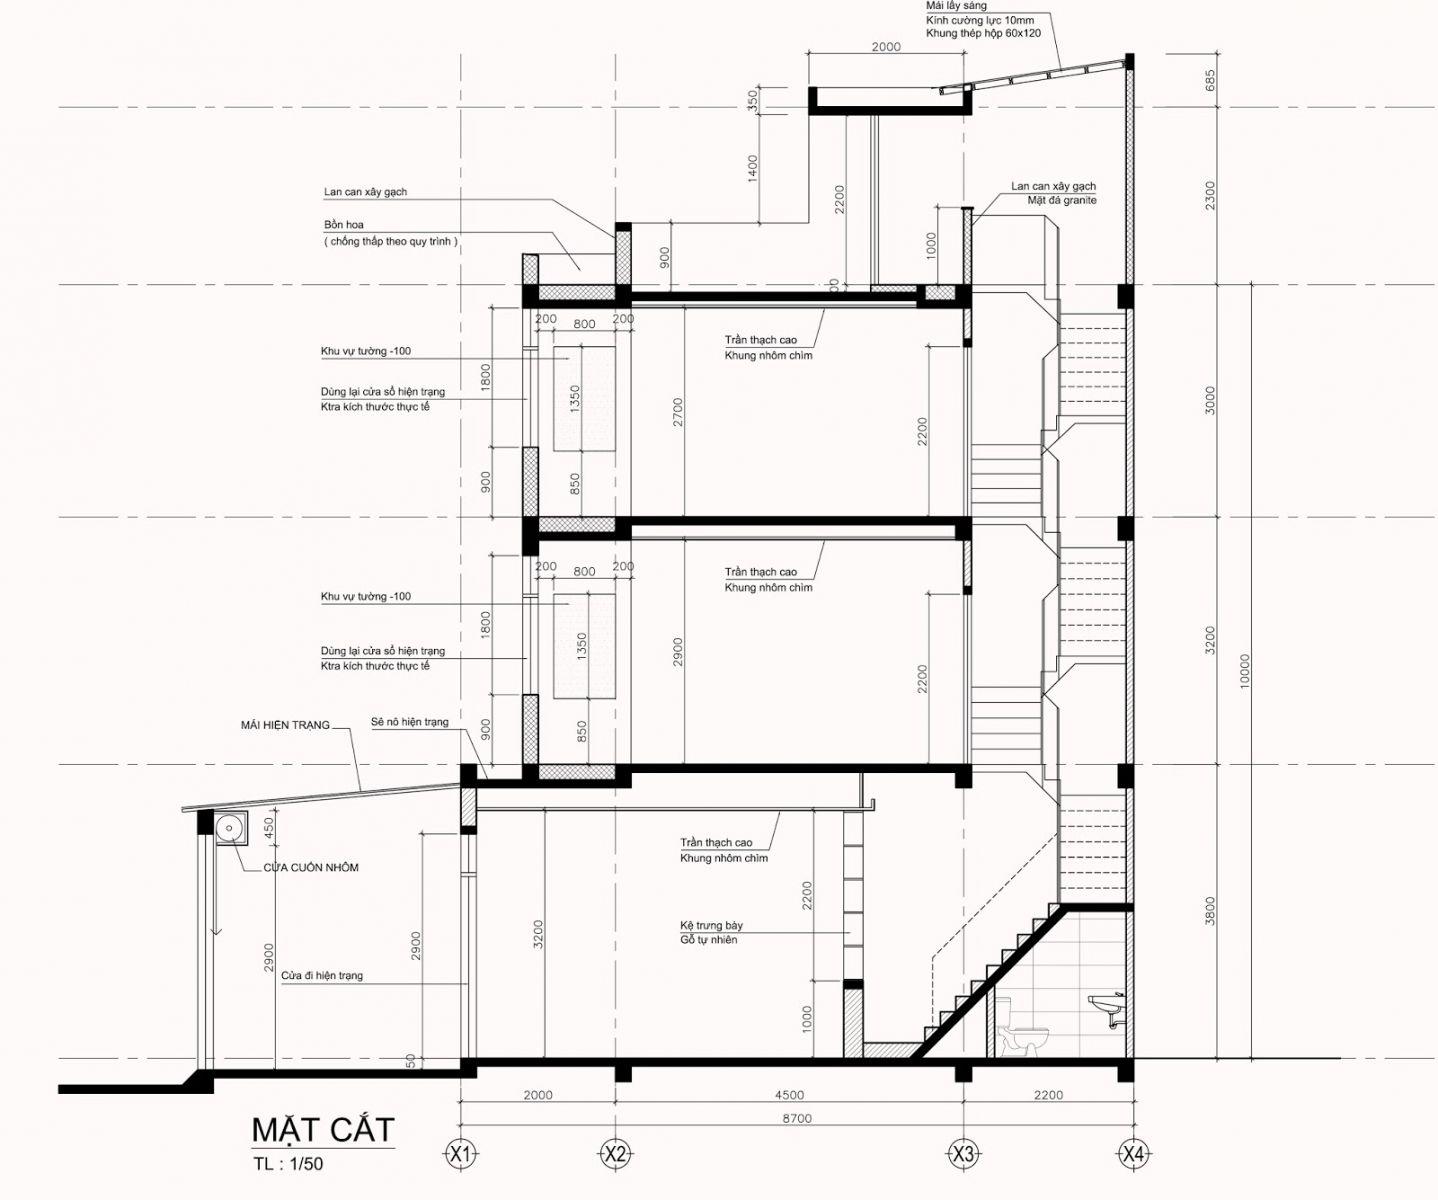 Cách tính m2 xây dựng